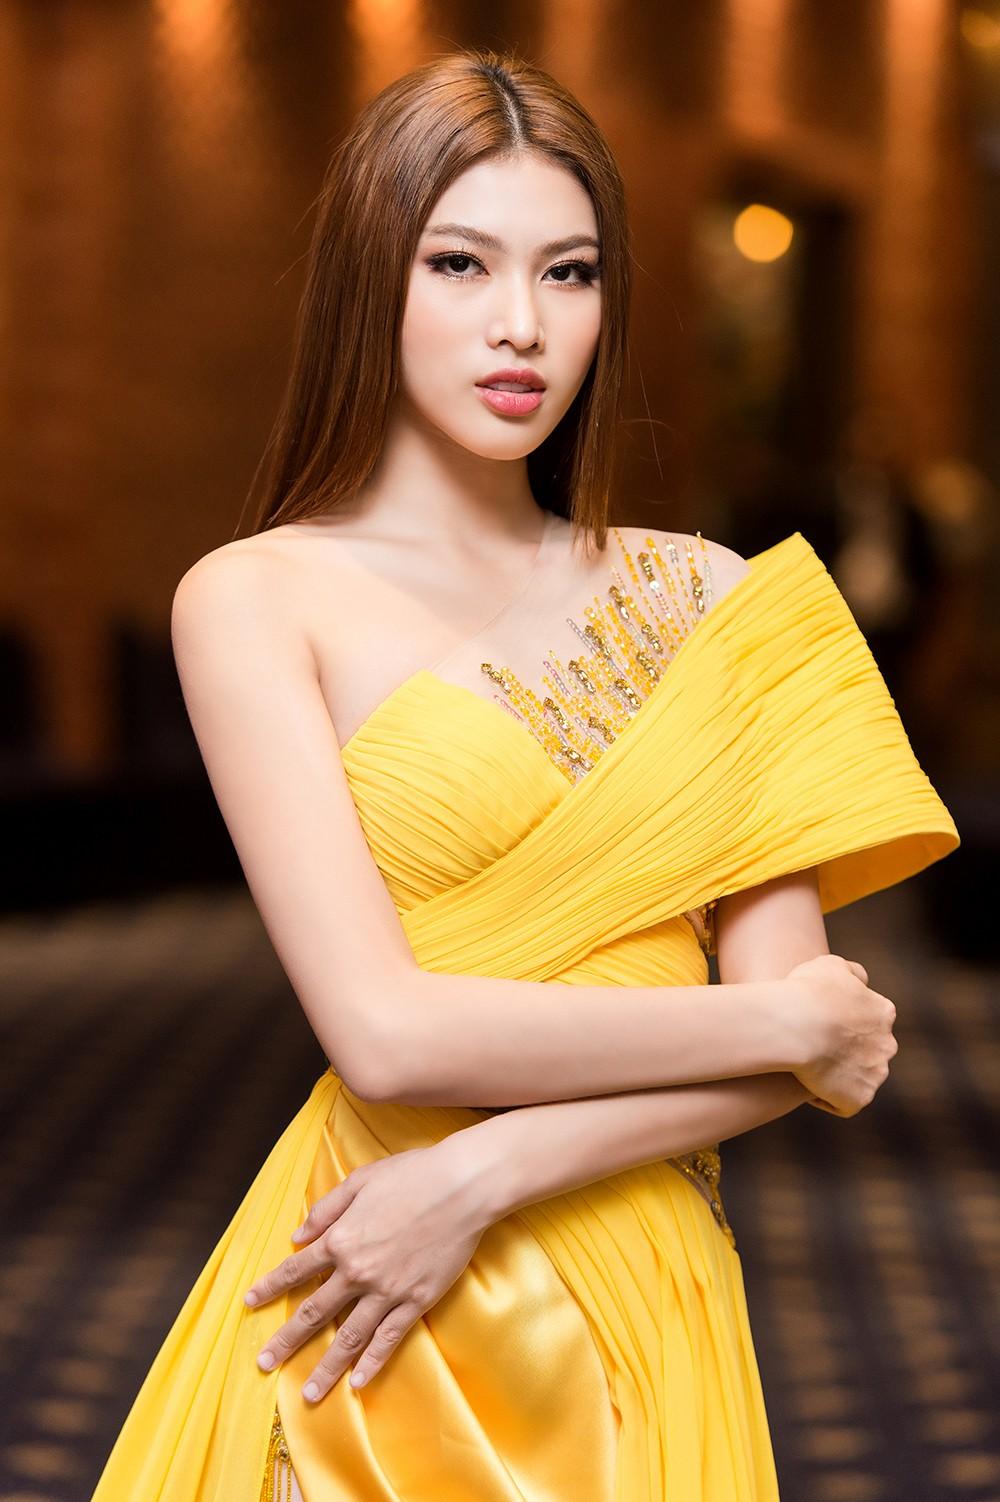 Á hậu Ngọc Thảo diện váy vàng rực khoe chân dài 1m11 cùng trình catwalk 'đỉnh cao' ảnh 7